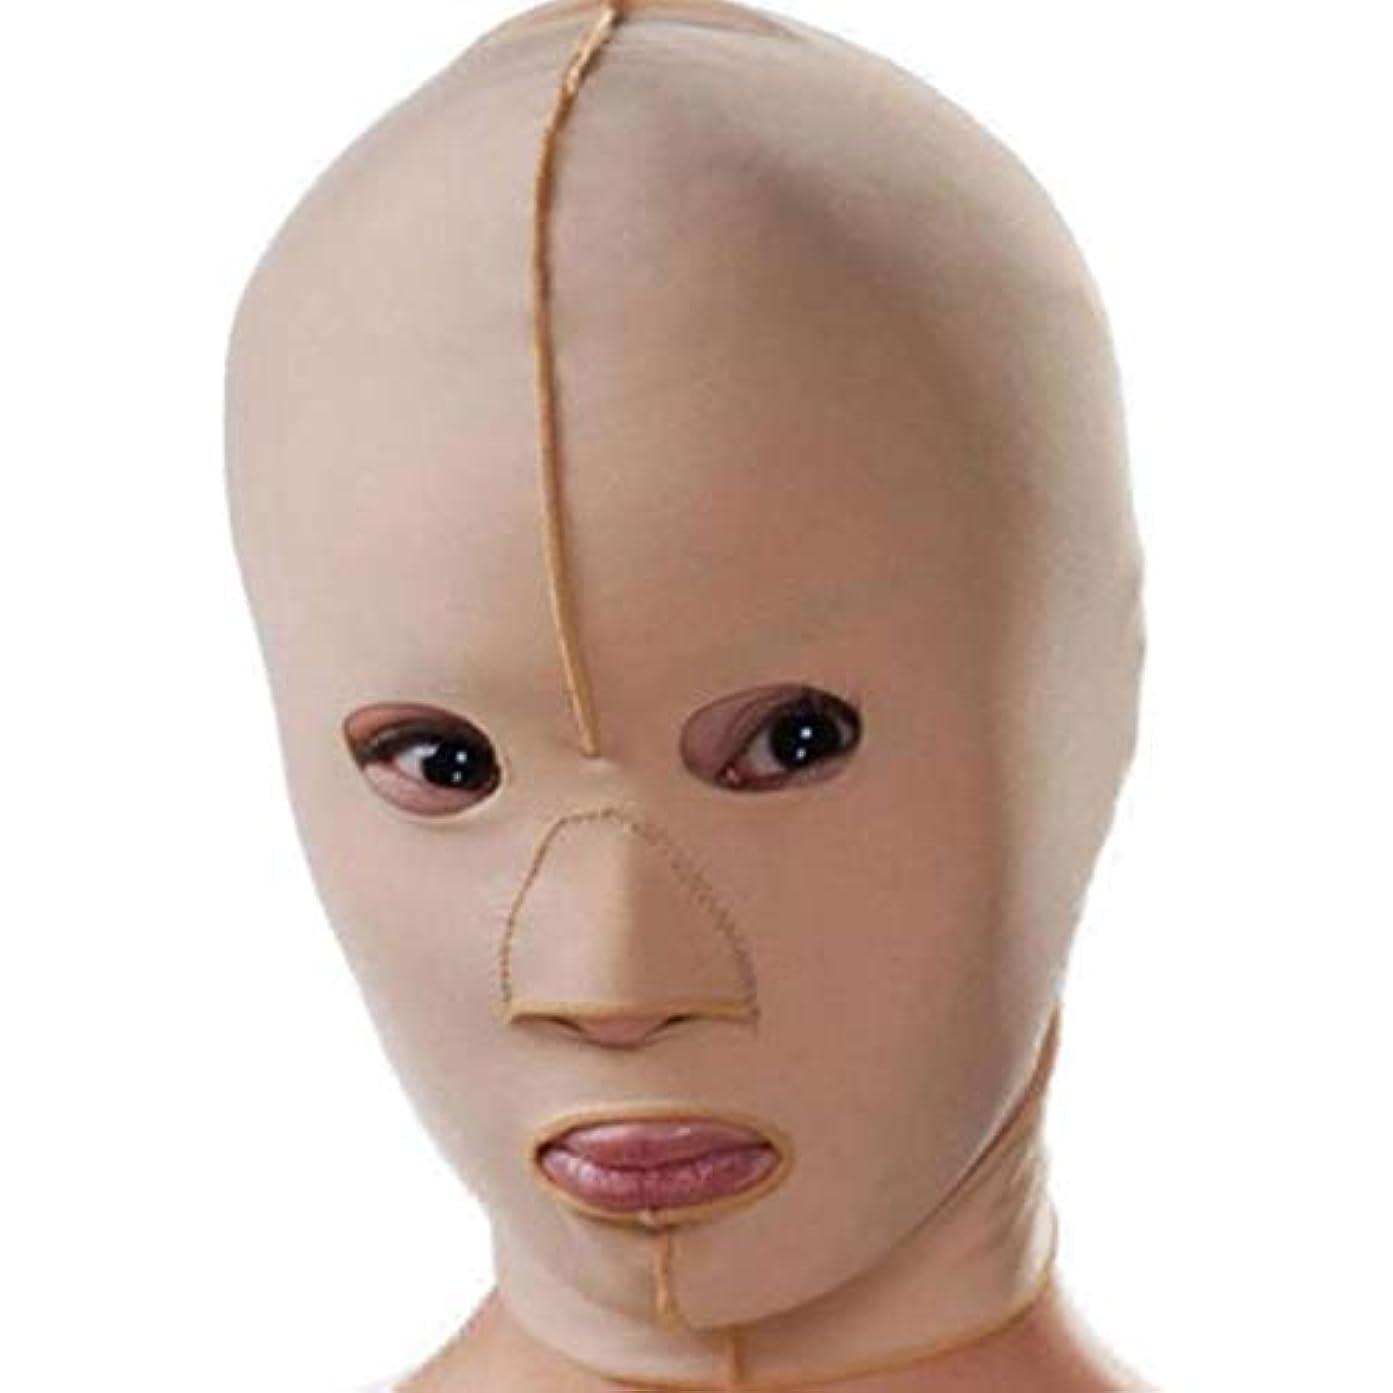 民兵販売員集団的痩身包帯、マスク薄いフェイスマスクリフティングダブルあご引き締め顔面プラスチックフェイスアーティファクト強力なフェイス包帯